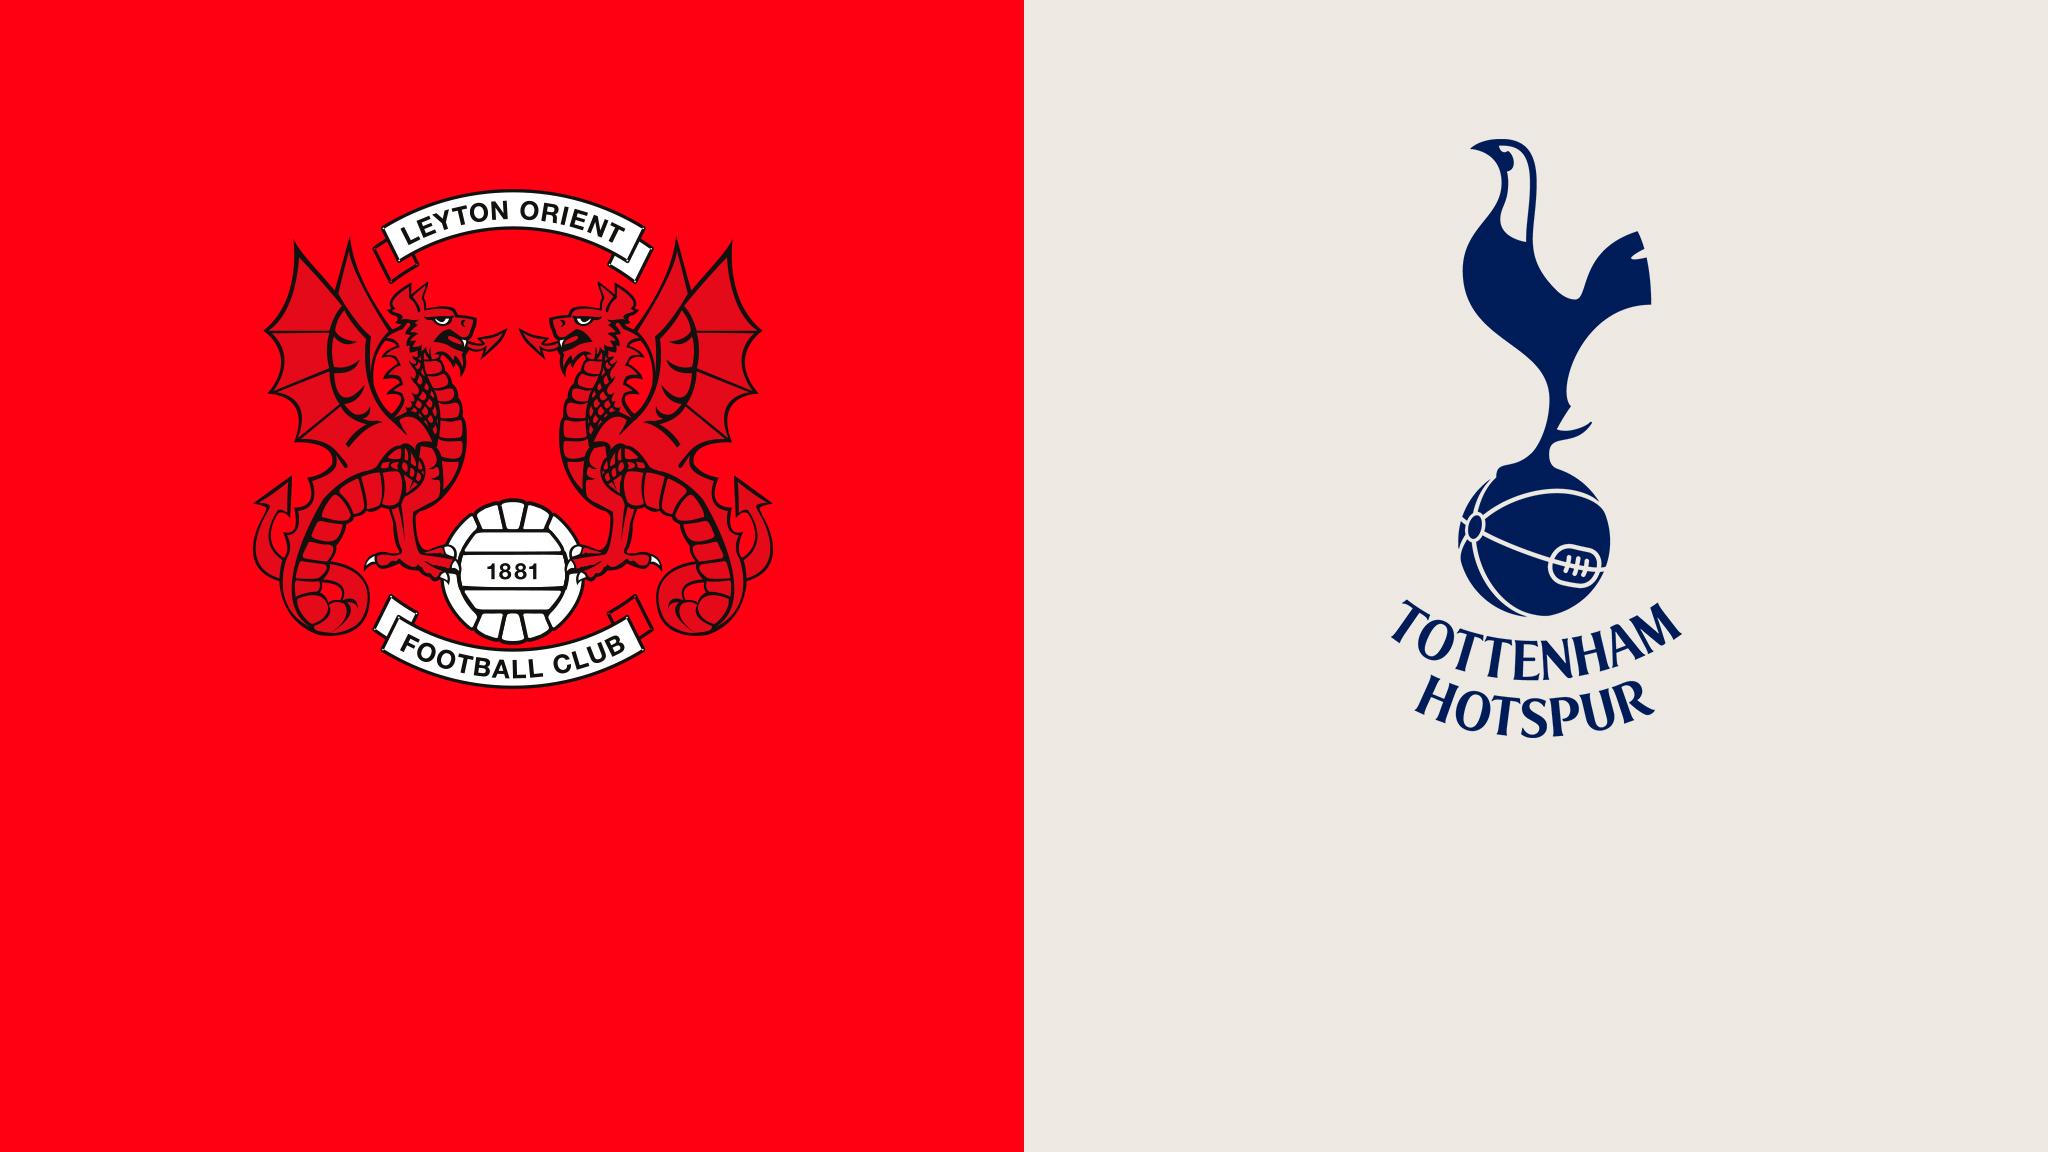 「英联杯」赛事前瞻:莱顿东方vs热刺,热刺高看一线